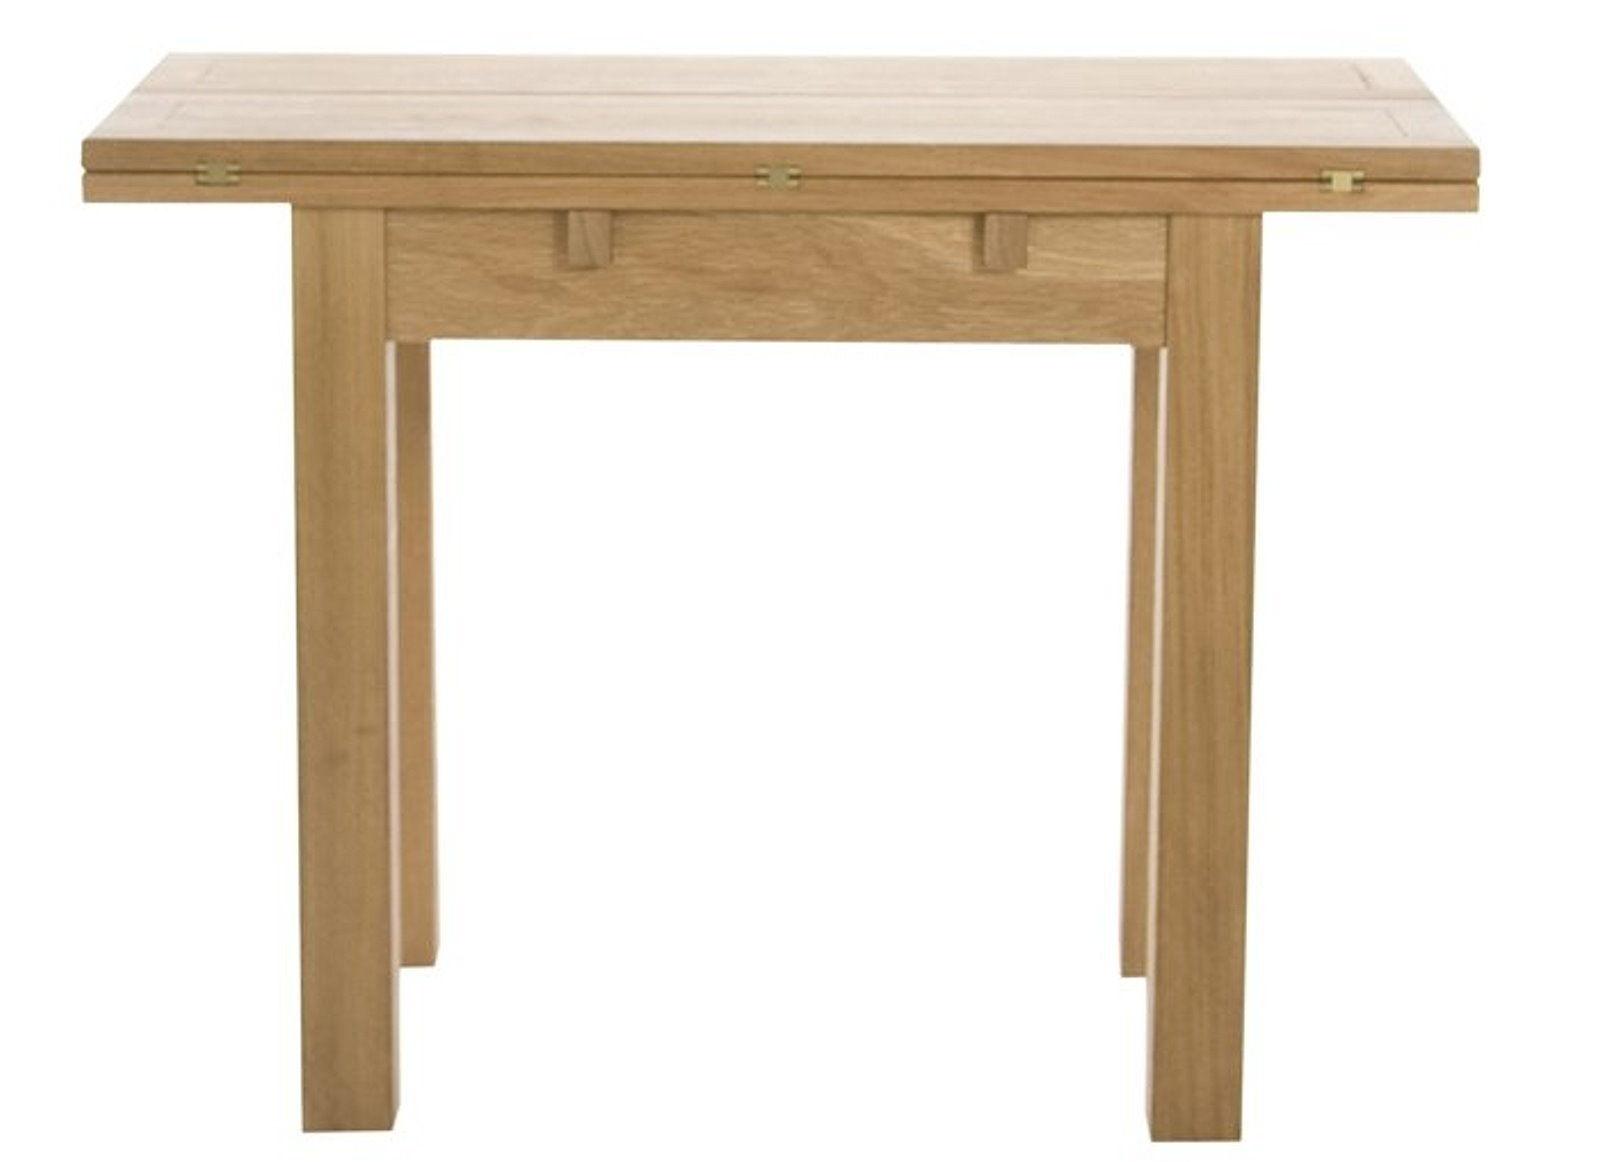 pkline klapptisch esstisch k chentisch holz tisch. Black Bedroom Furniture Sets. Home Design Ideas